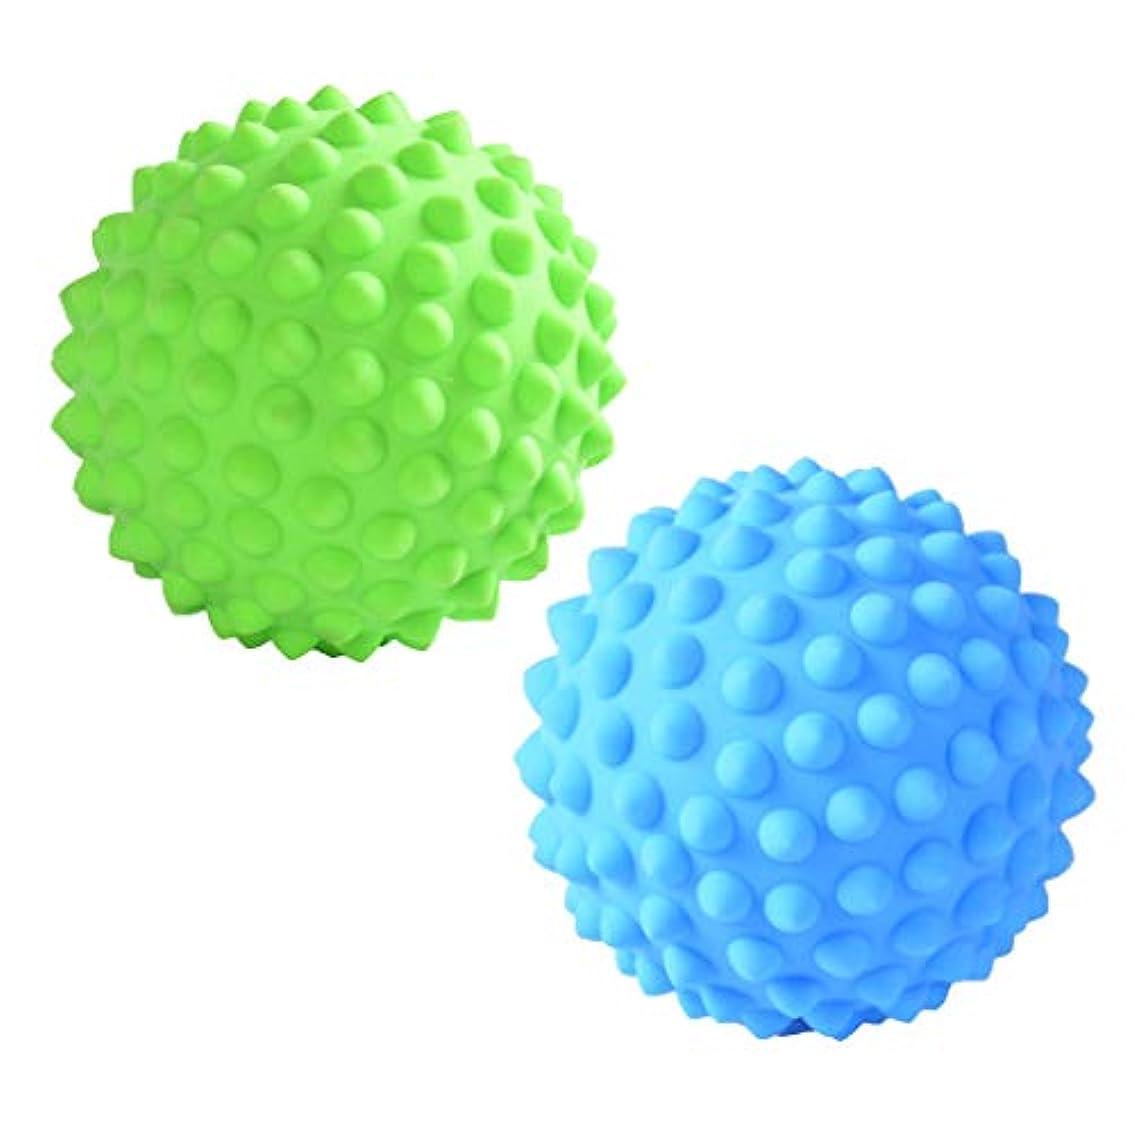 リダクター僕のダルセットFLAMEER 2個 マッサージローラーボール 指圧ボール PVC トリガーポイント 疲れ解消ボール ヨガ 疲労軽減